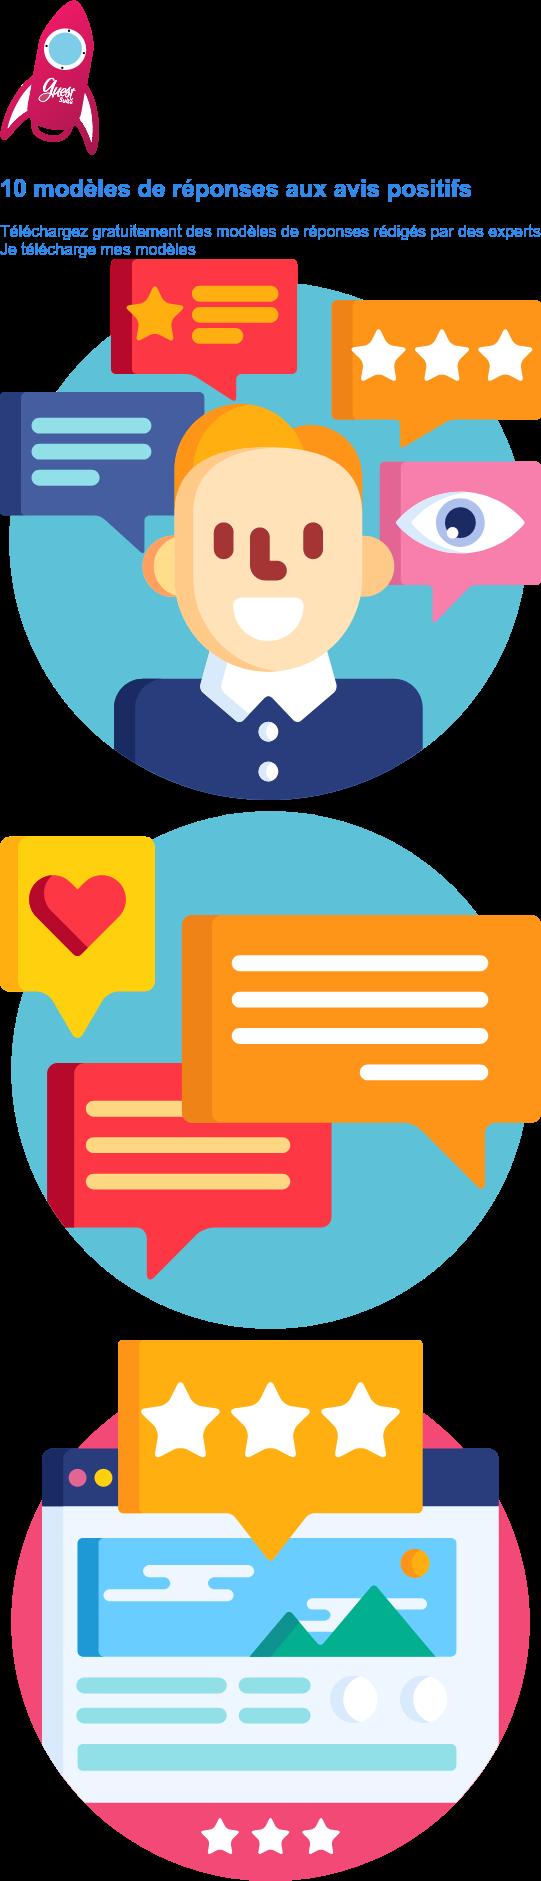 10 modèles de réponses aux avis positifs  Téléchargez gratuitement des modèles de réponses rédigés par des experts Je télécharge mes modèles